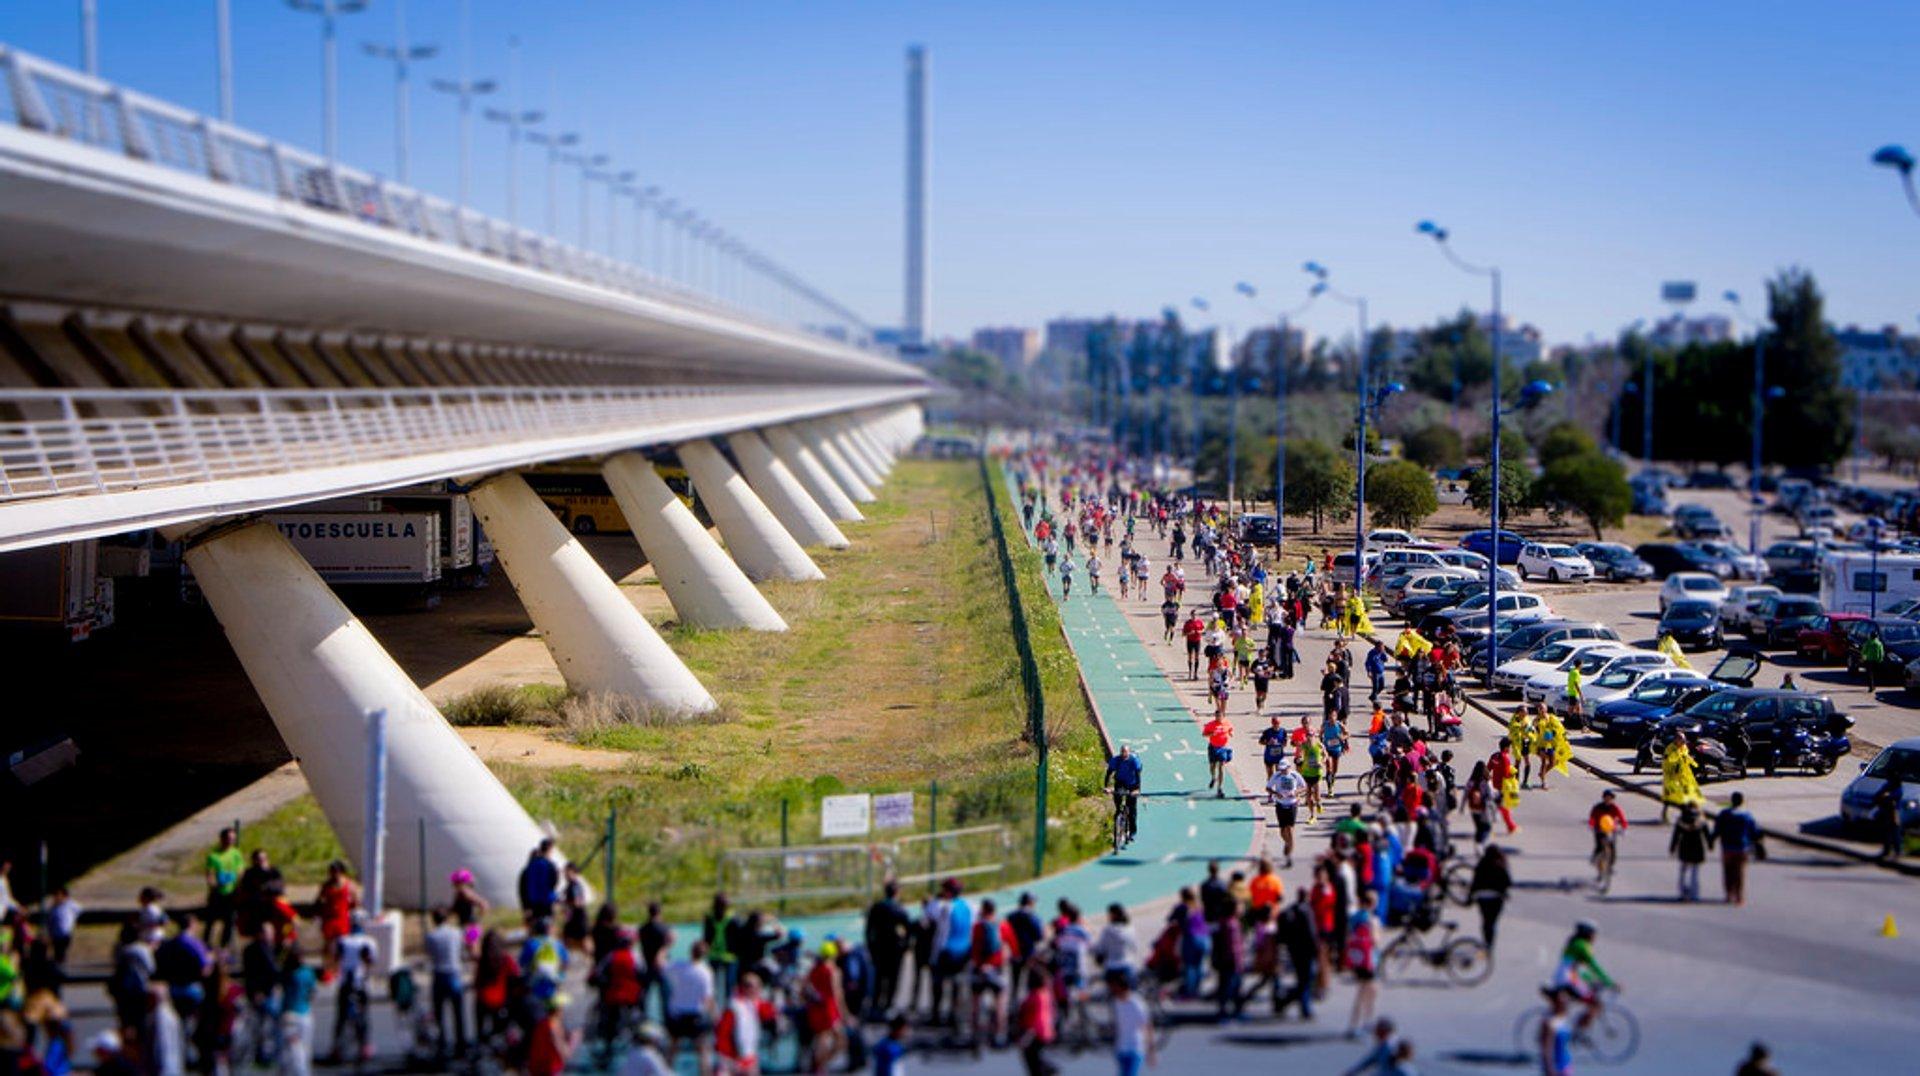 Seville Marathon (Zurich Maraton de Sevilla) in Seville 2019 - Best Time